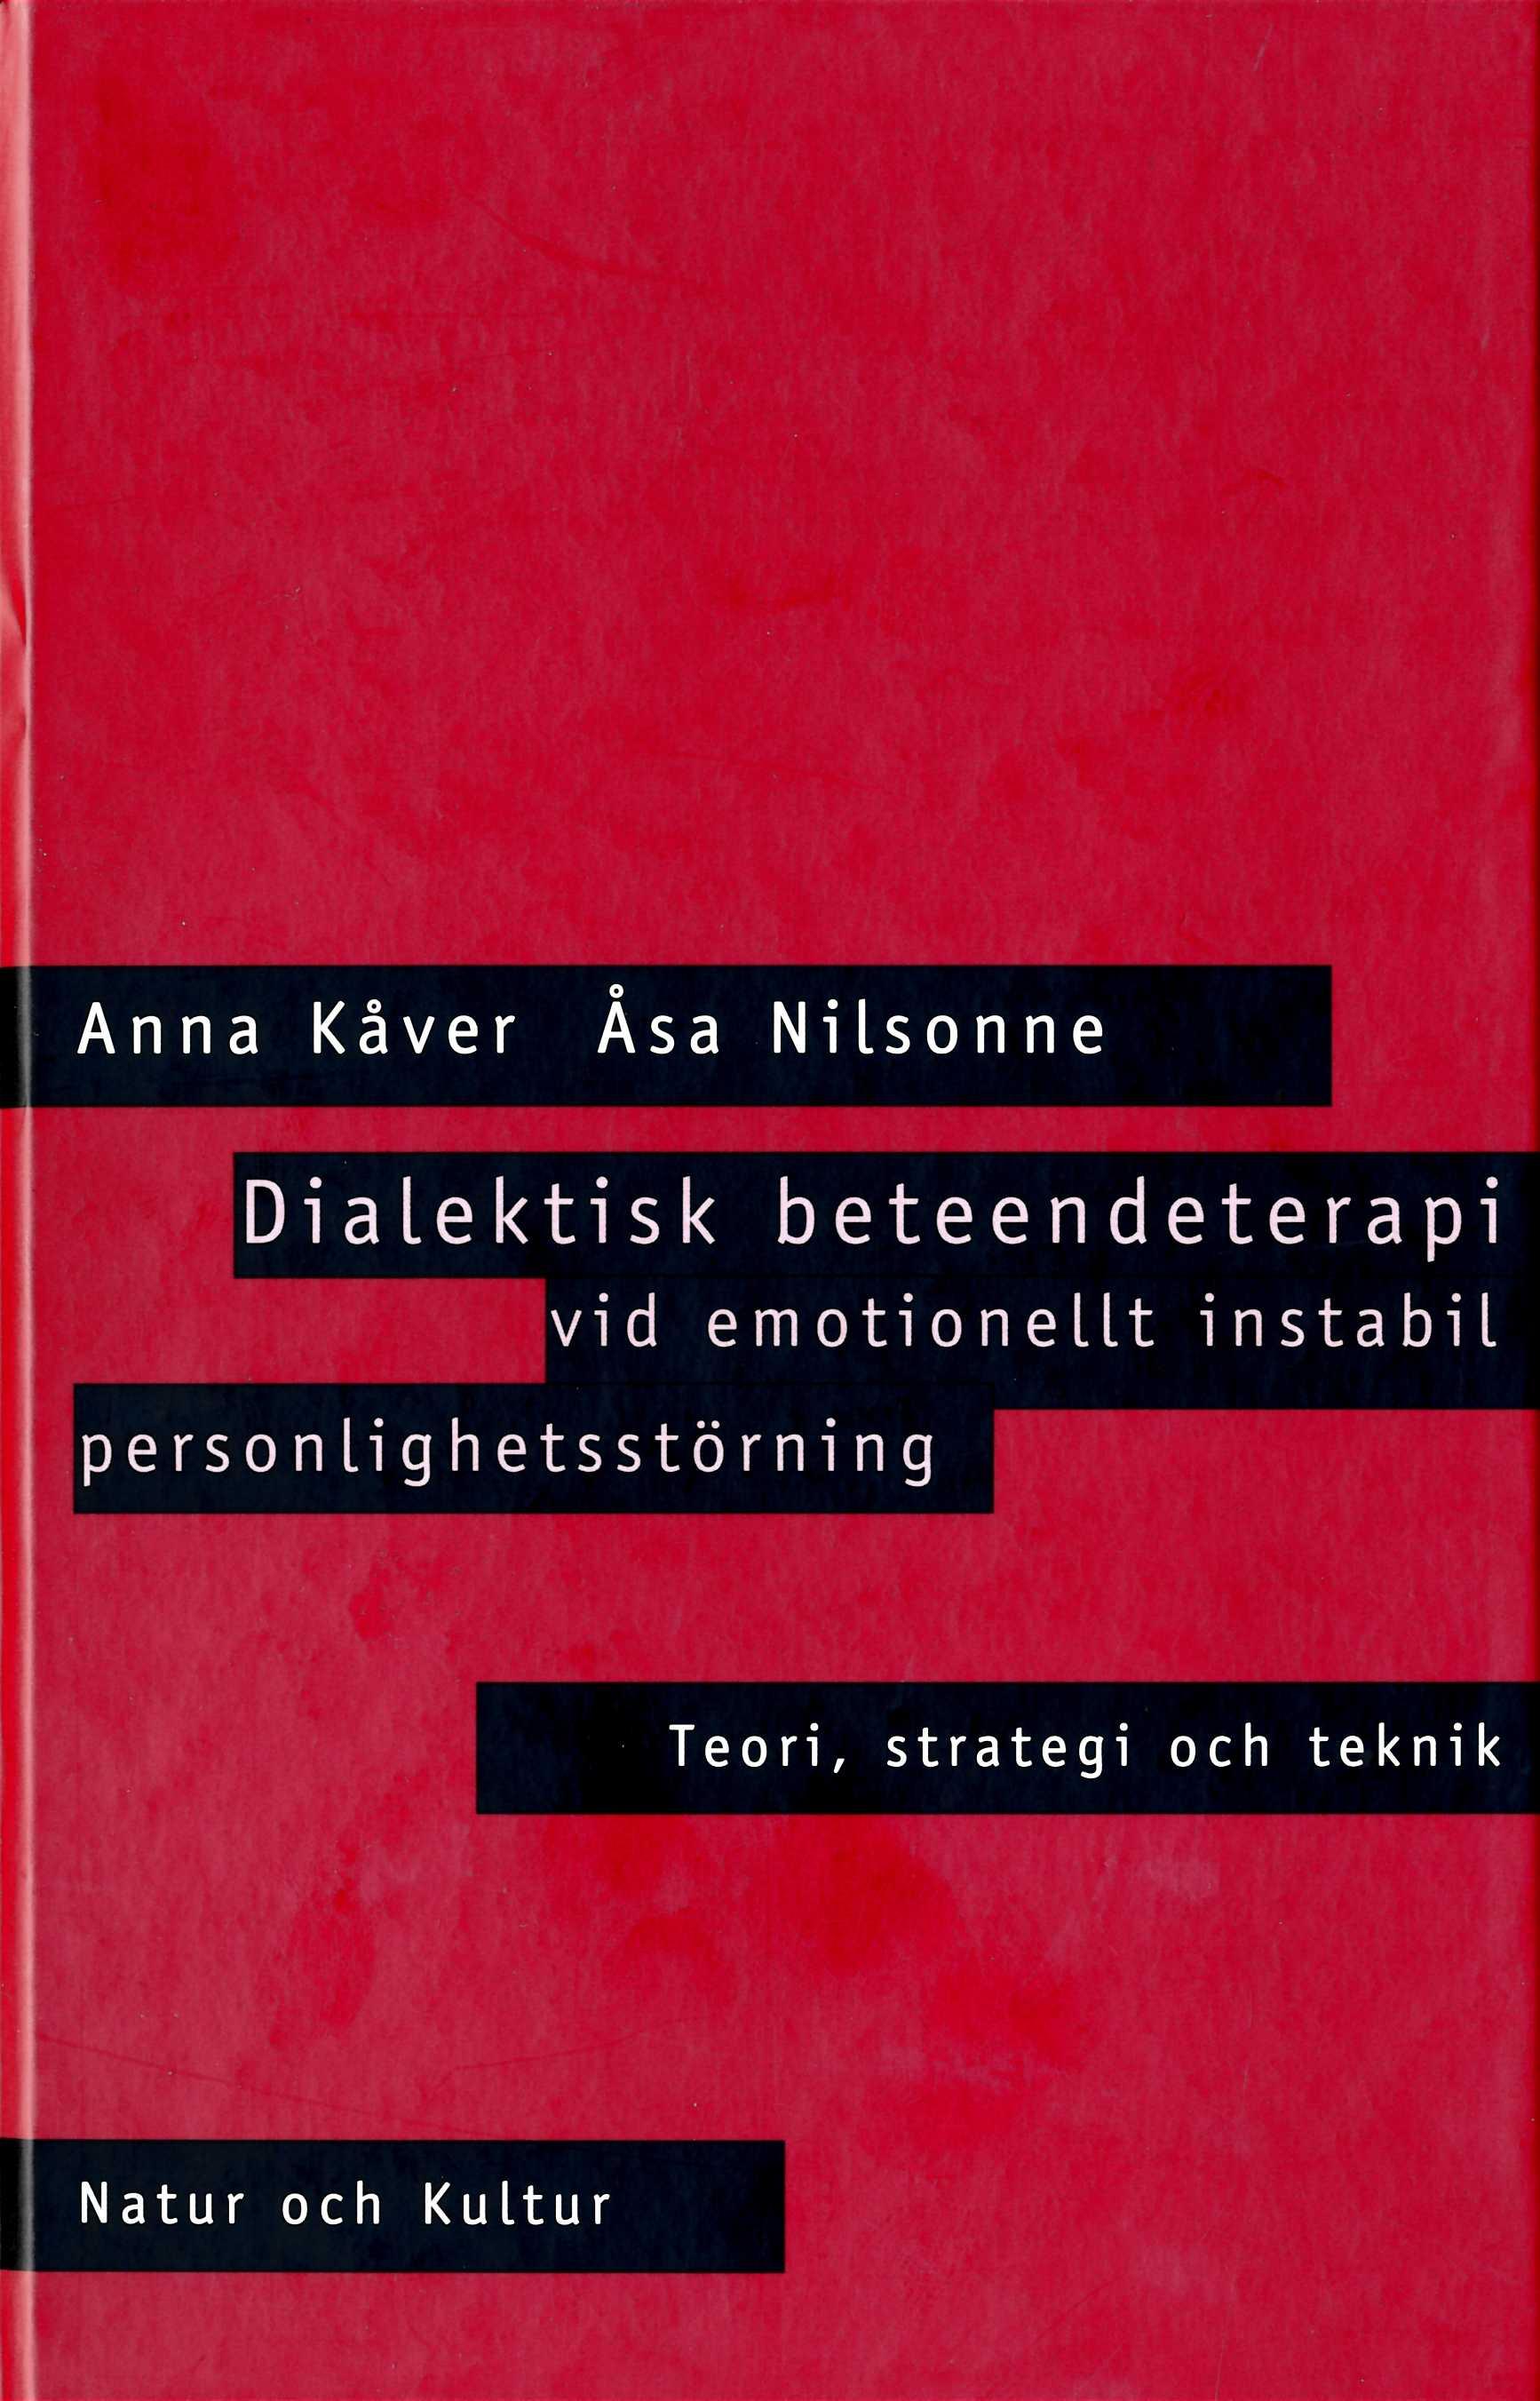 KåverNilsonne1-a